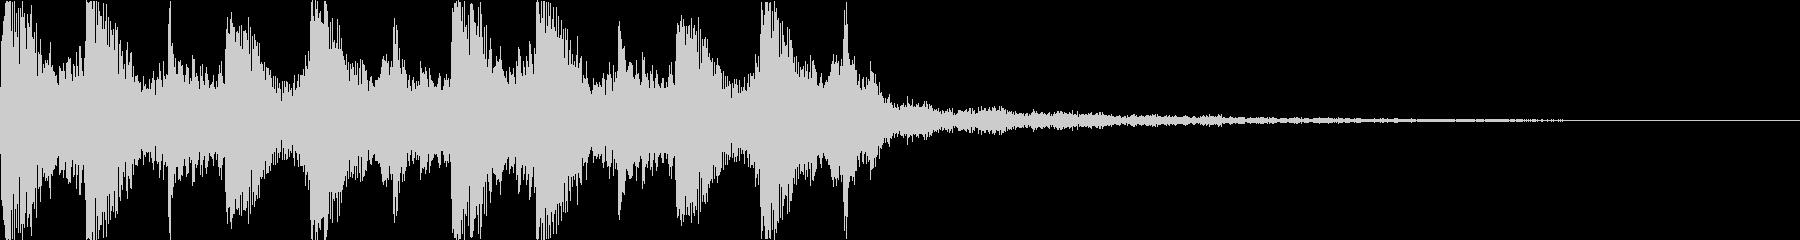 現代的シンセのEDMジングルの未再生の波形